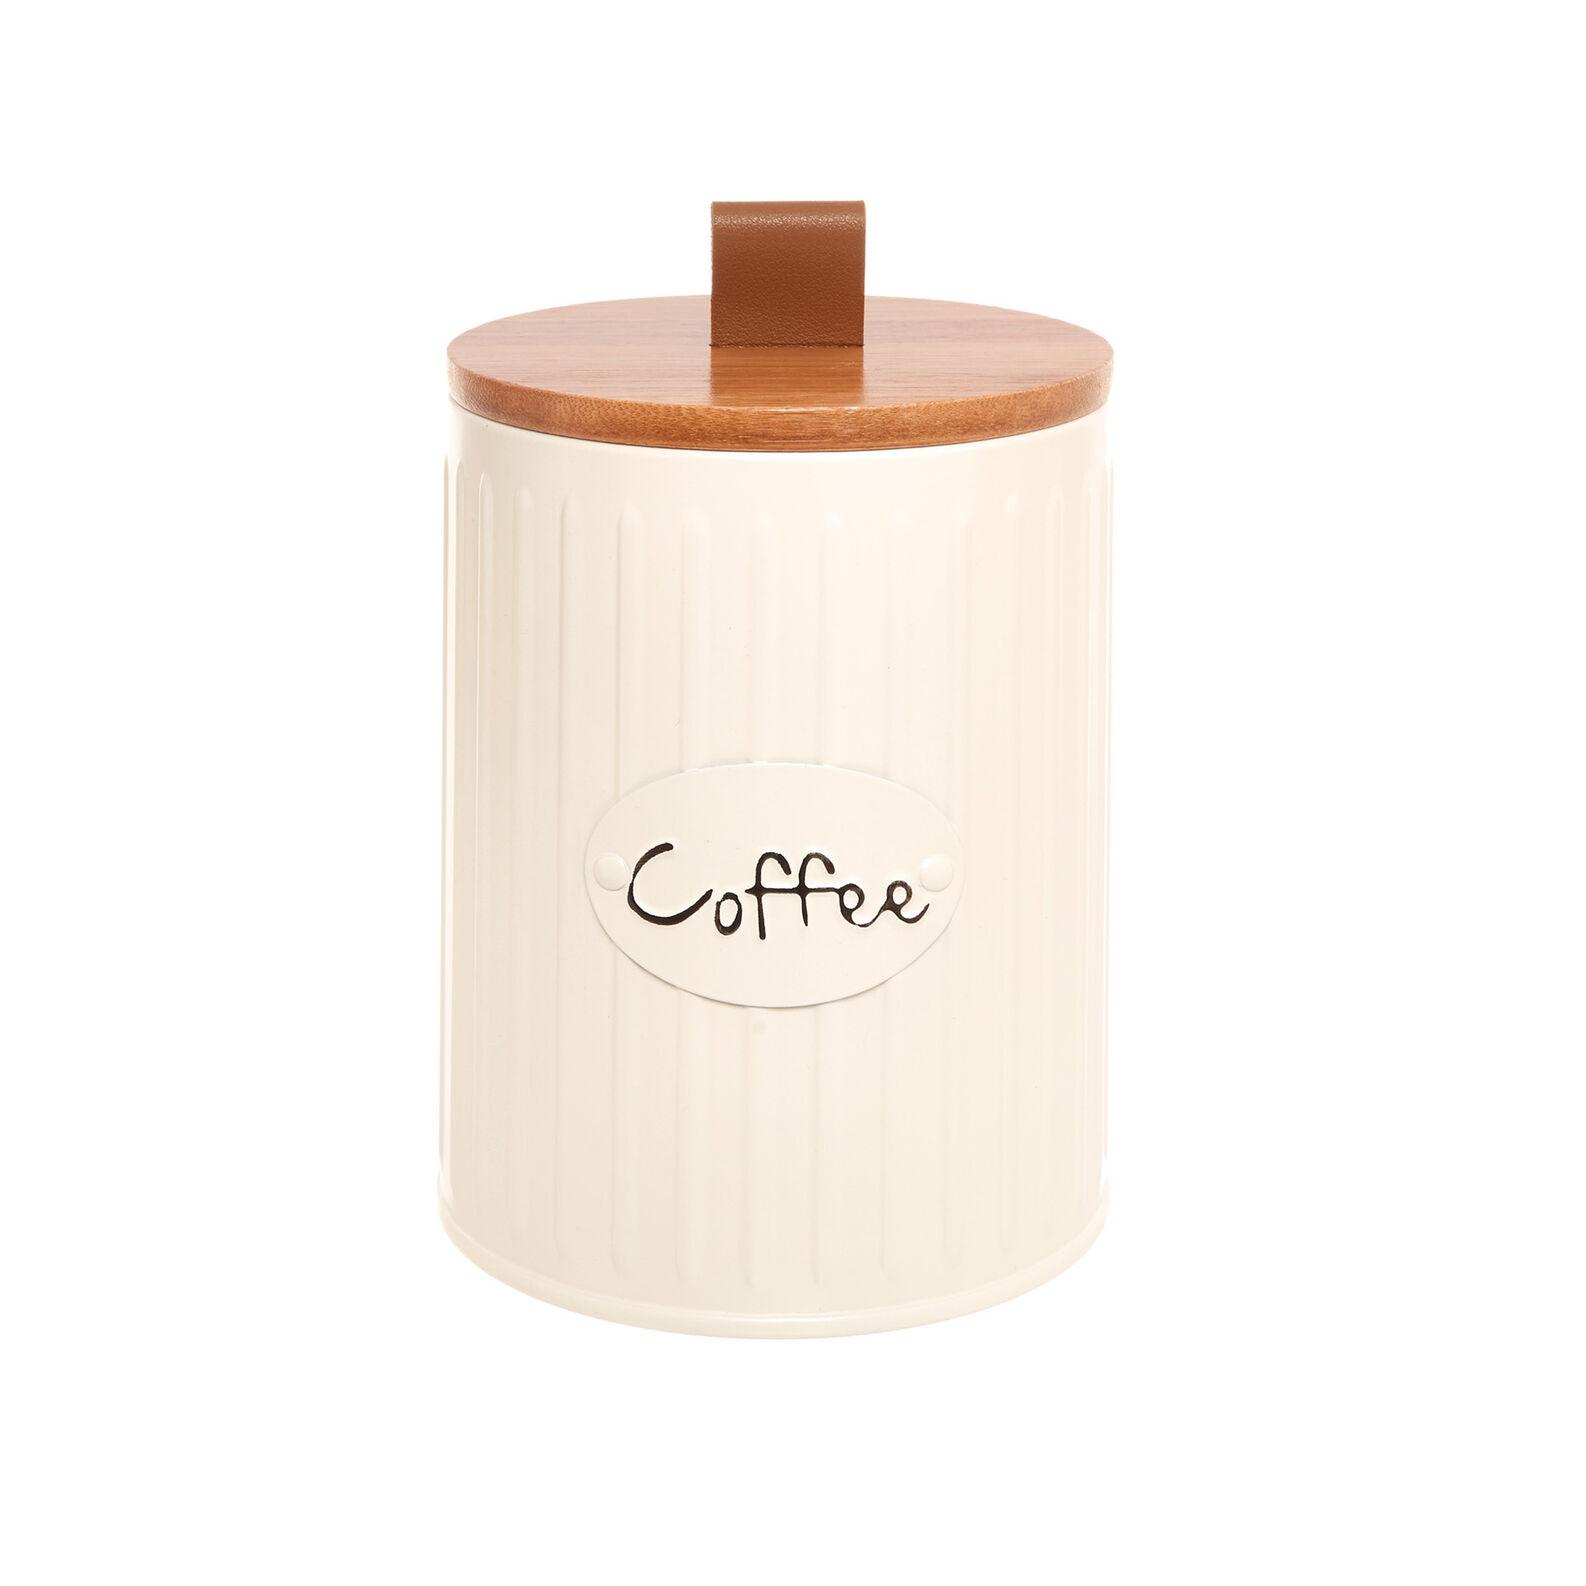 Enamelled metal Coffee tin